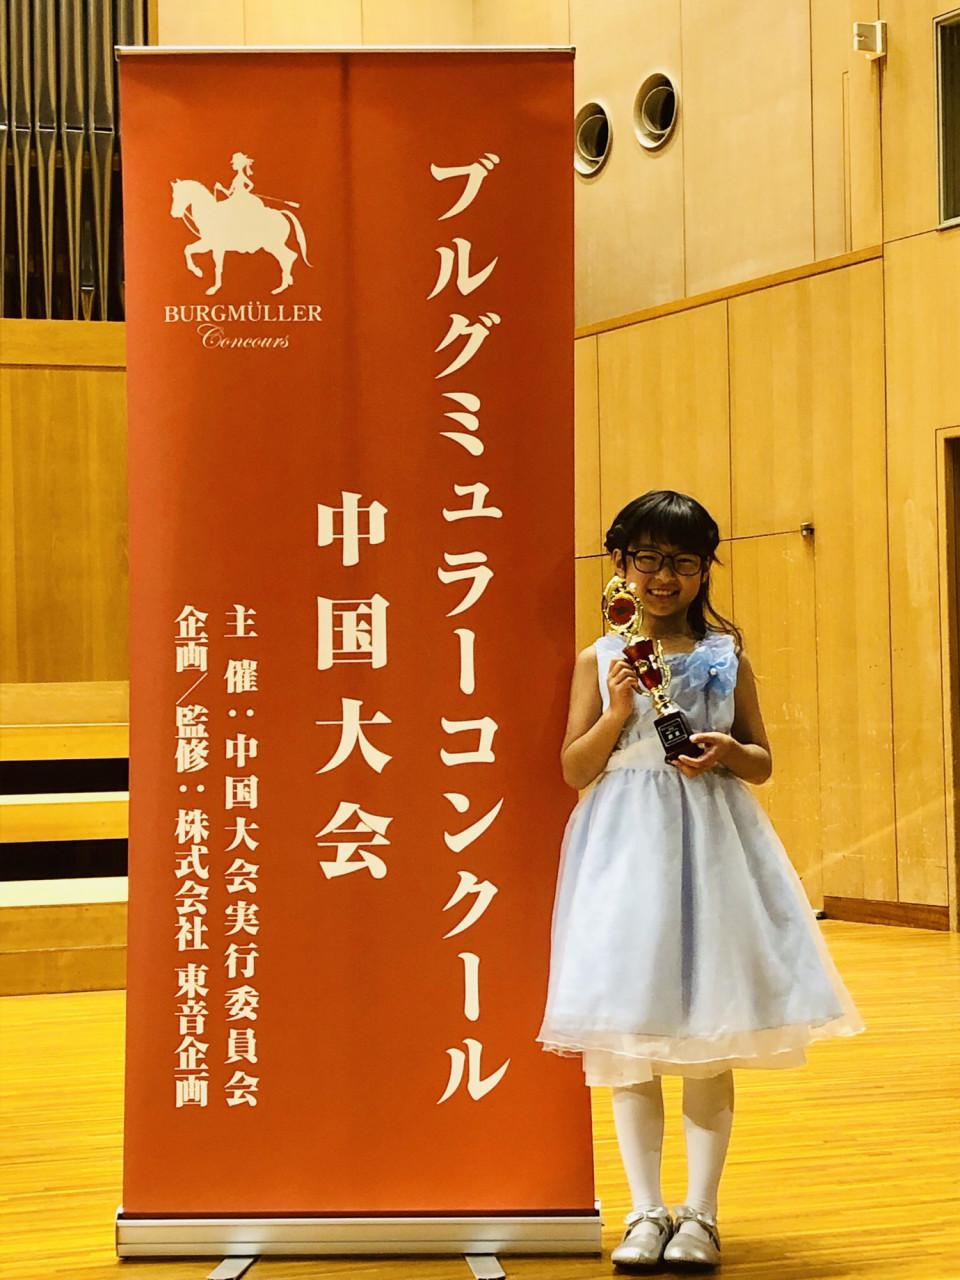 コンクール ブルグミュラー 【ブルグミュラーコンクール】小学3・4年B部門での優秀賞から感じた、一度自信がついた子供の強さ。